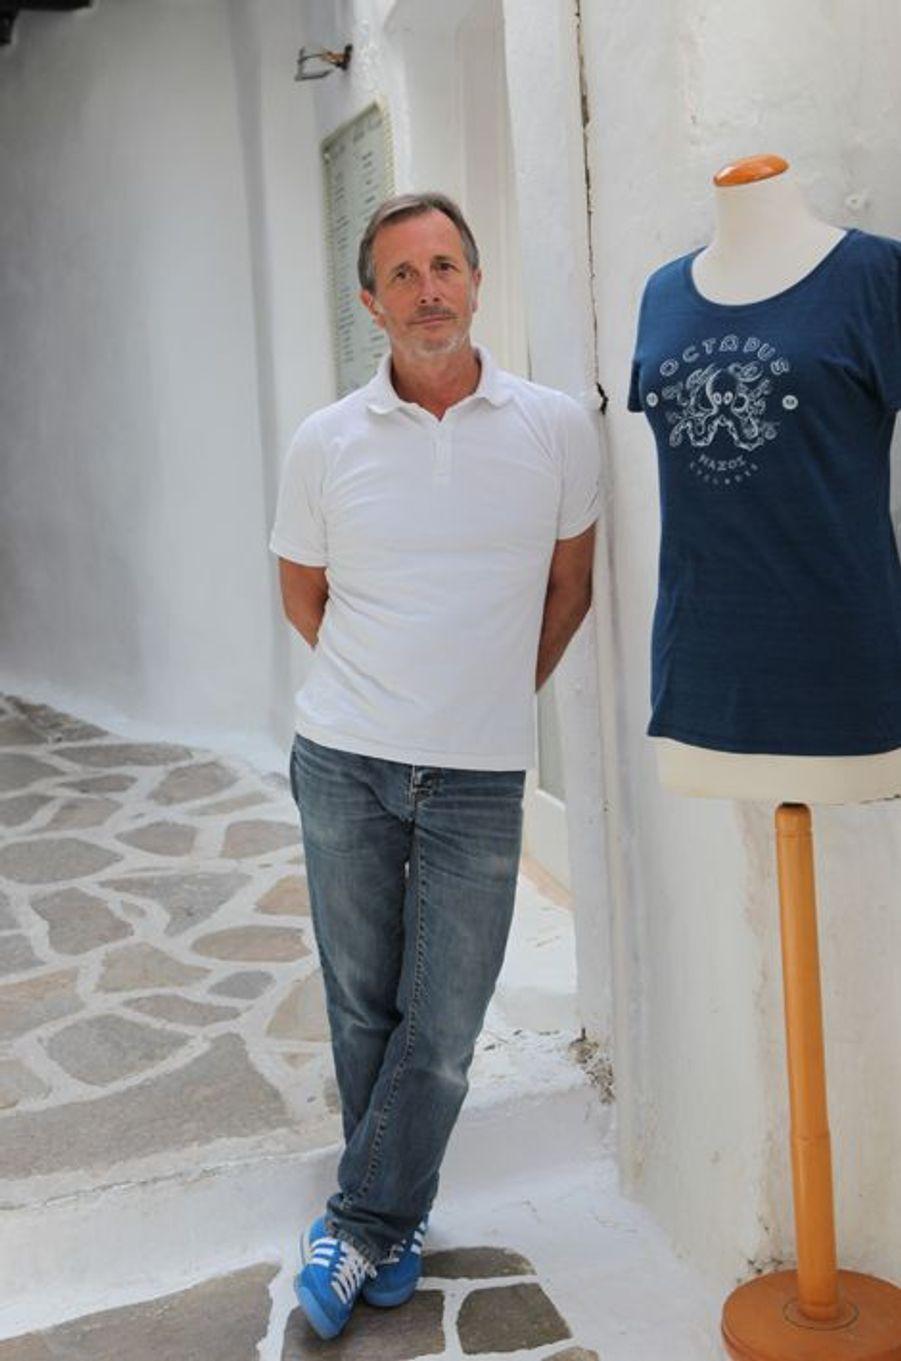 Ces deux Toulousains sont arrivés à Naxos en 1988. «Arrêtez de critiquer les Grecs! Ils sont passés des champs de patates à la vie à crédit! Les banques ont tout fait pour qu'ils s'endettent, sans leur donner le mode d'emploi!» Aujourd'hui, si vous voulez faire comme eux, vous pouvez trouver une belle maison pour 300'000 à 400'000 euros.